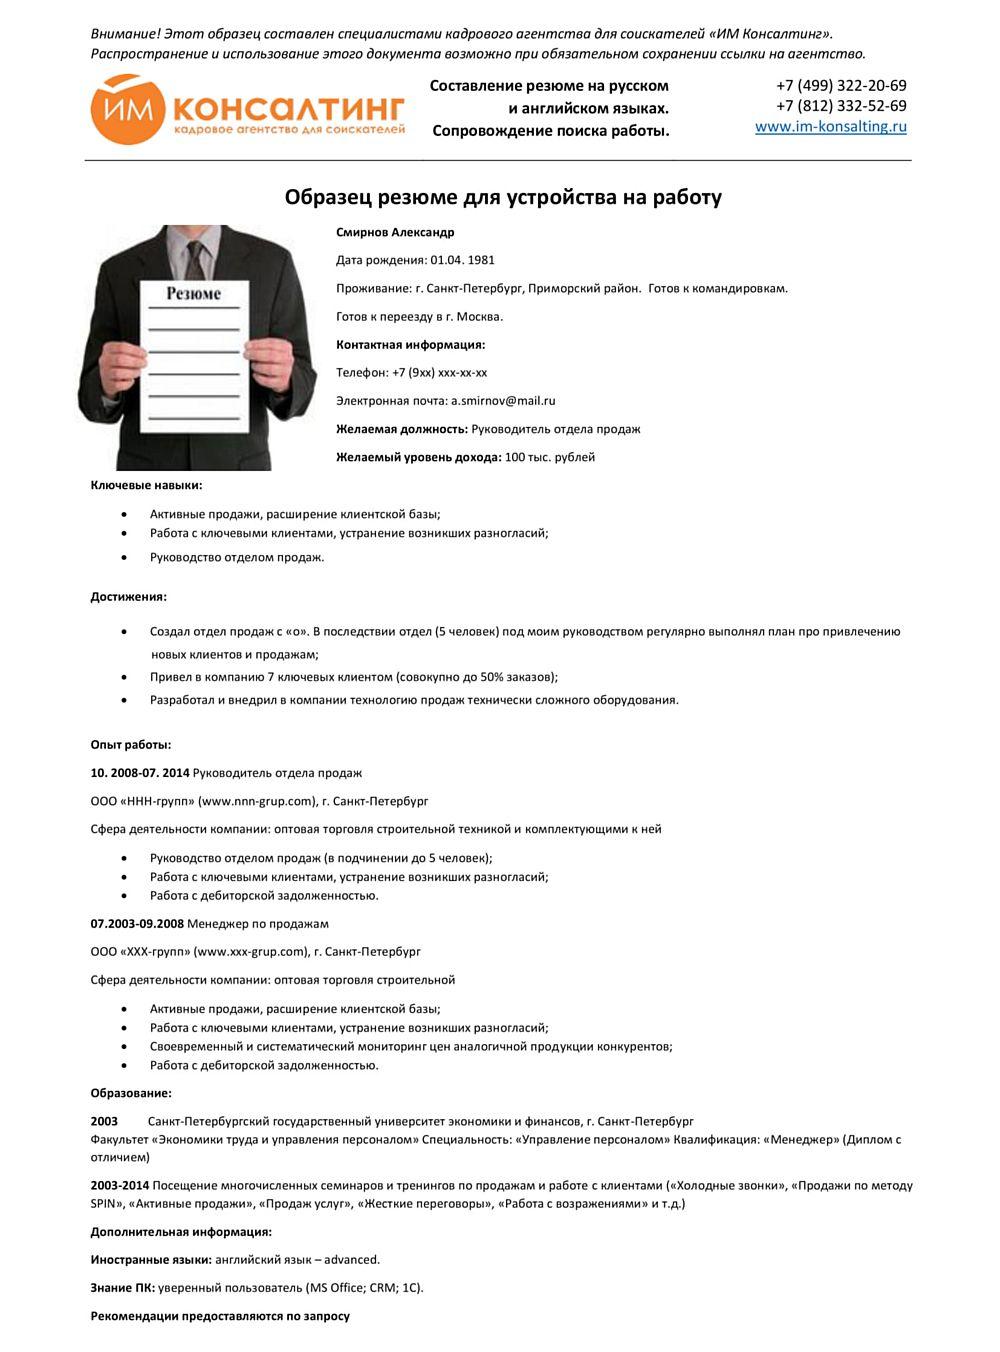 Как правильно составить резюме и понравиться работодателю